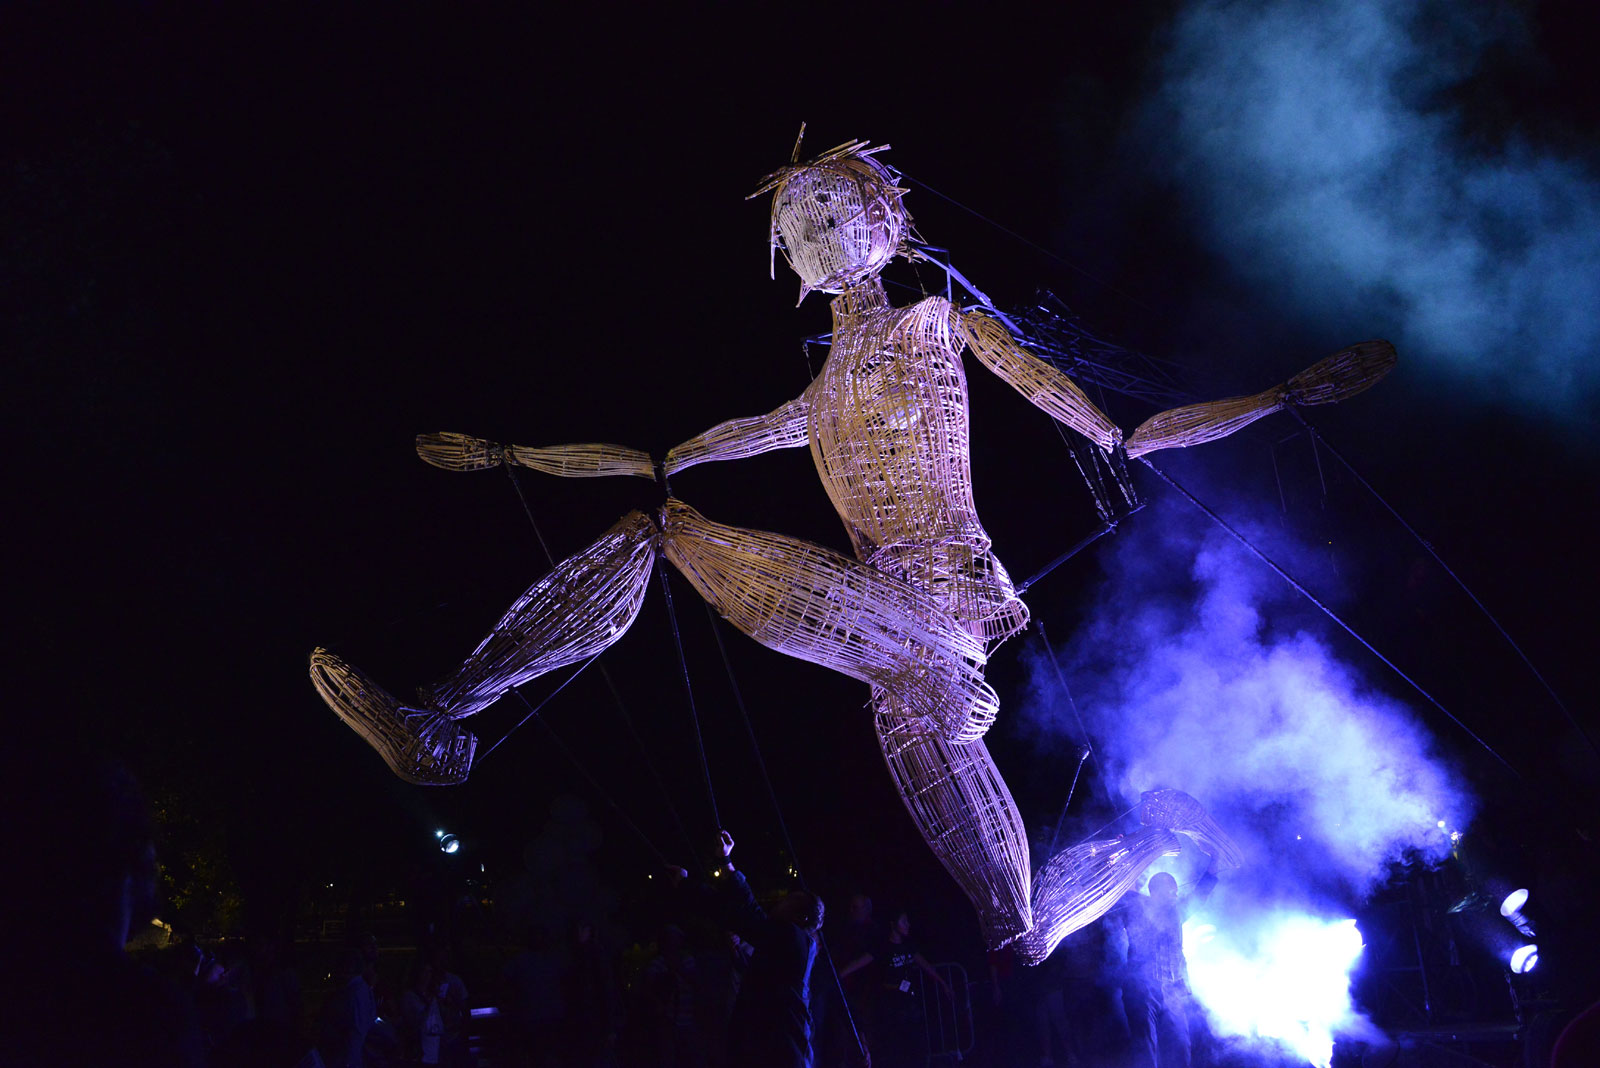 Une marionnette géante dans les rues de Montigny-lès-Metz